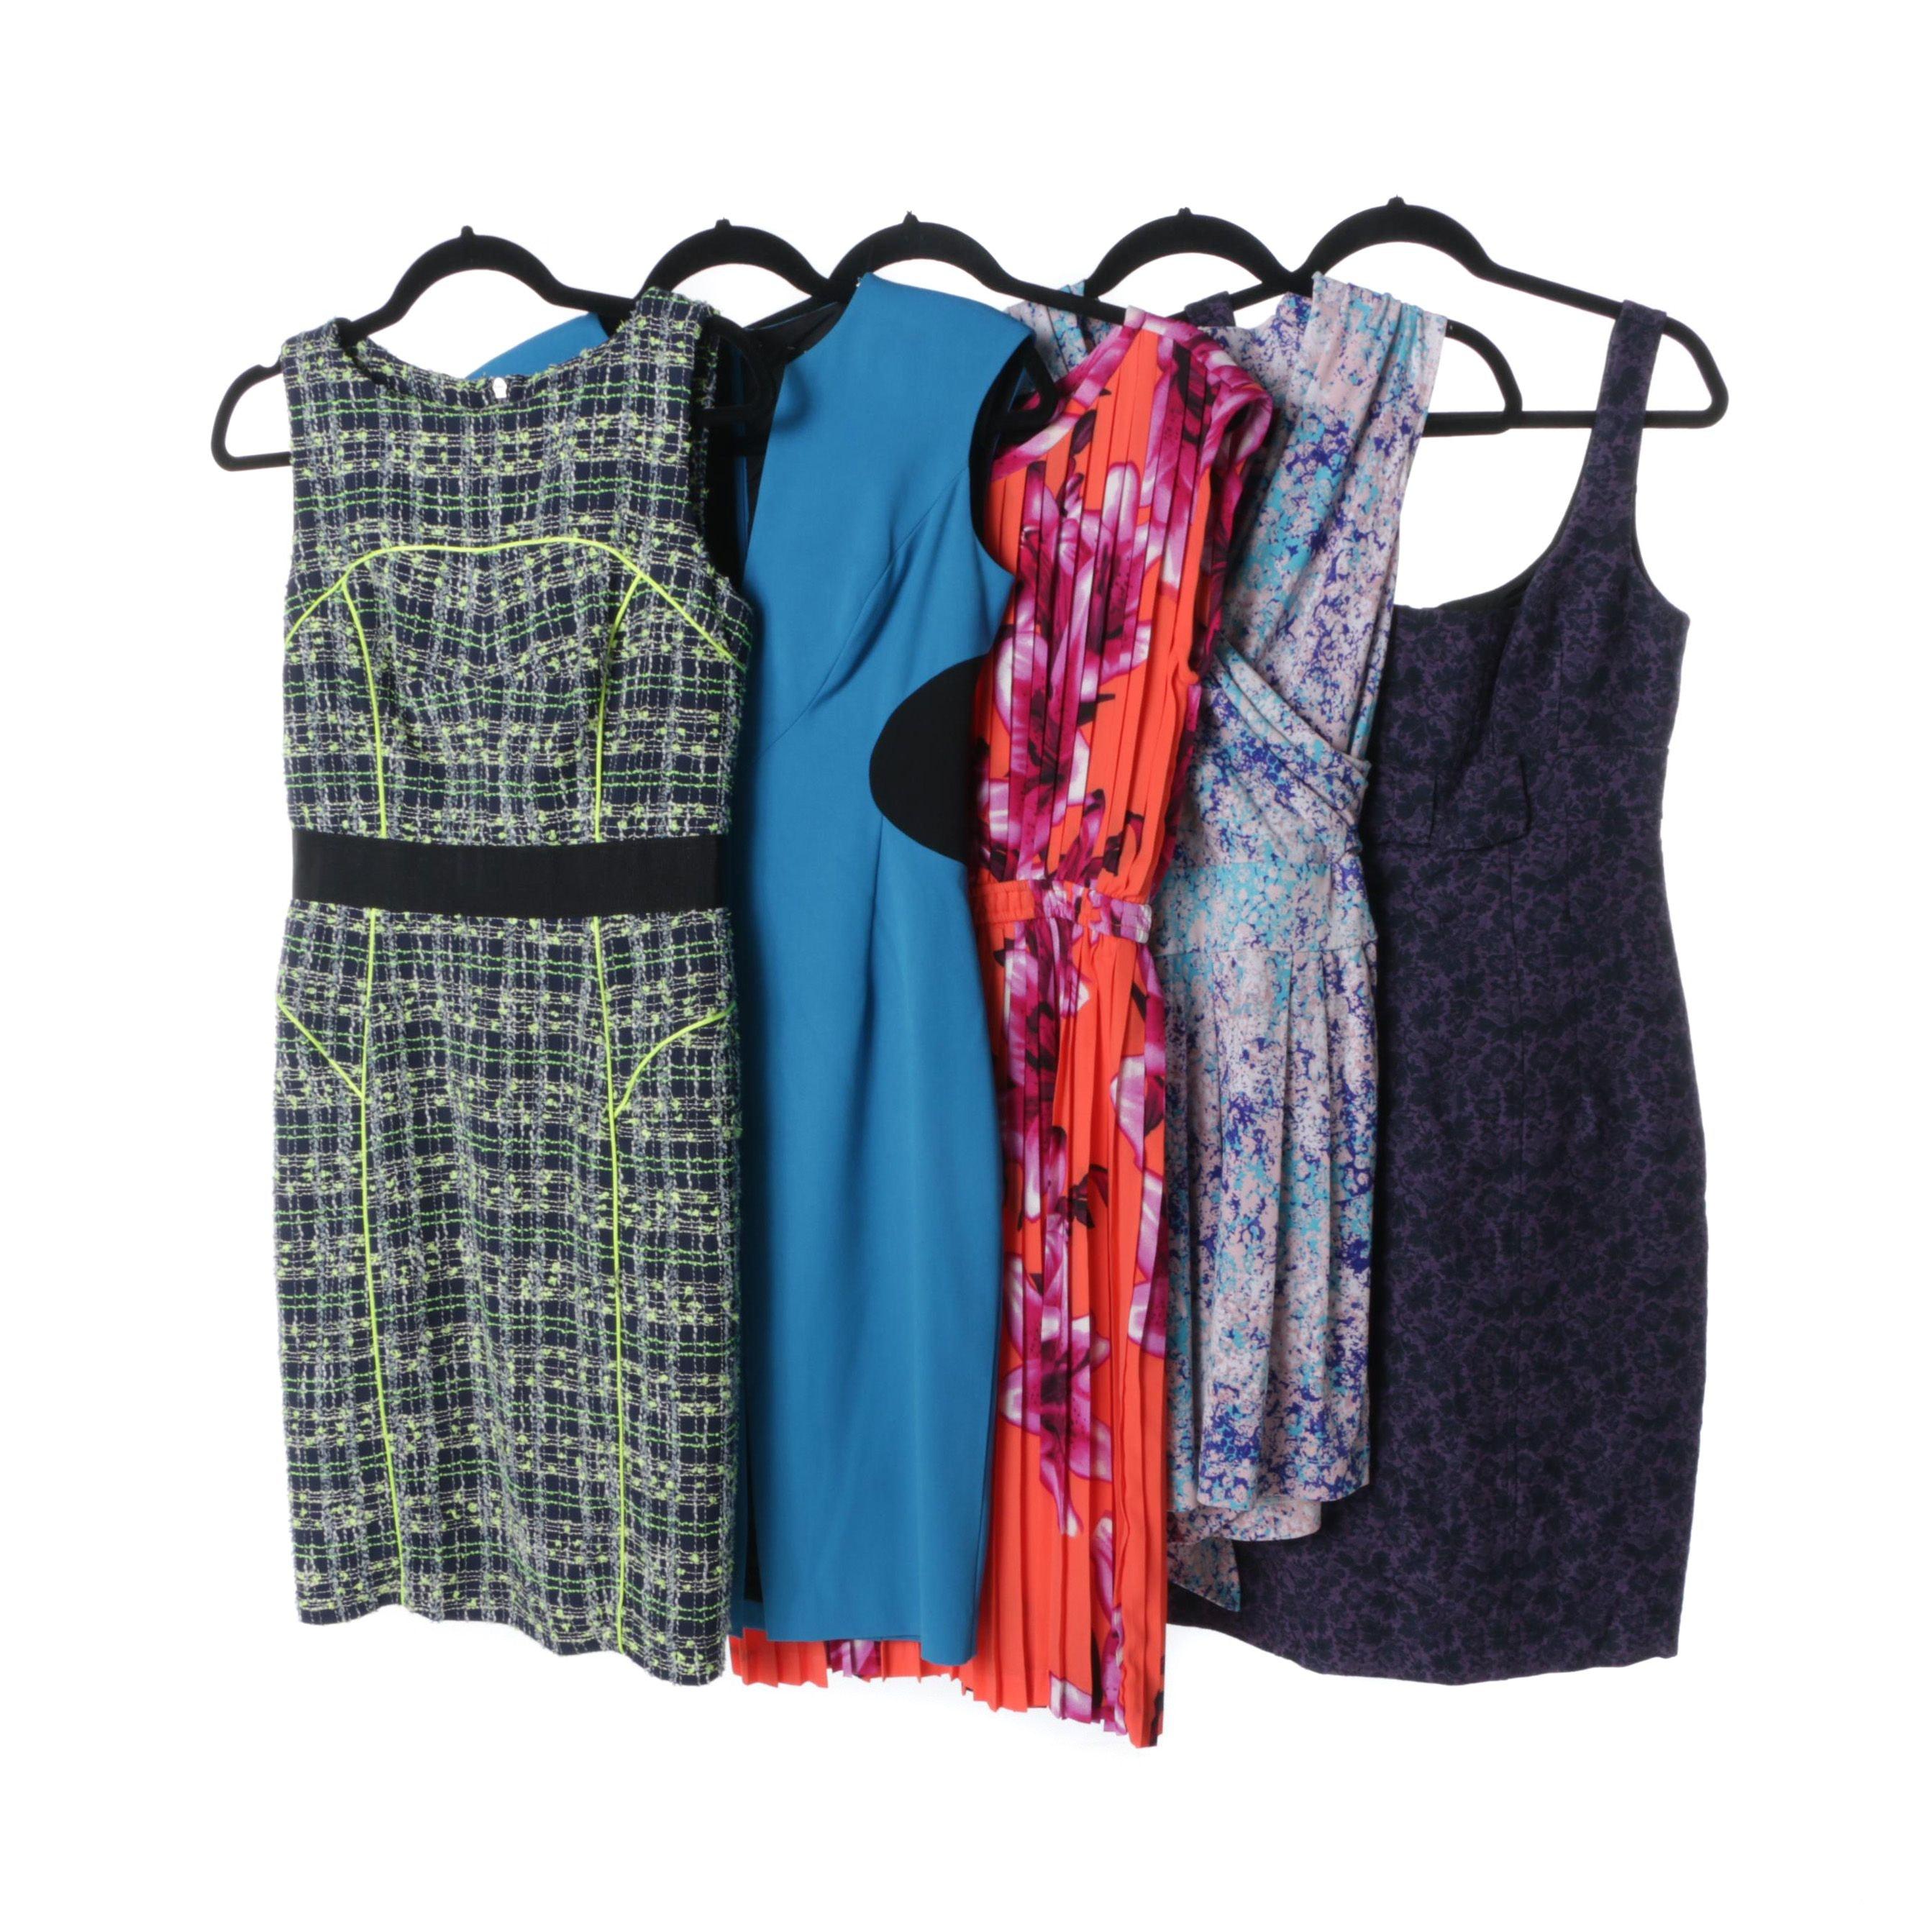 Contemporary Dresses Including Nanette Lepore, Black Halo, Milly, Baraschi